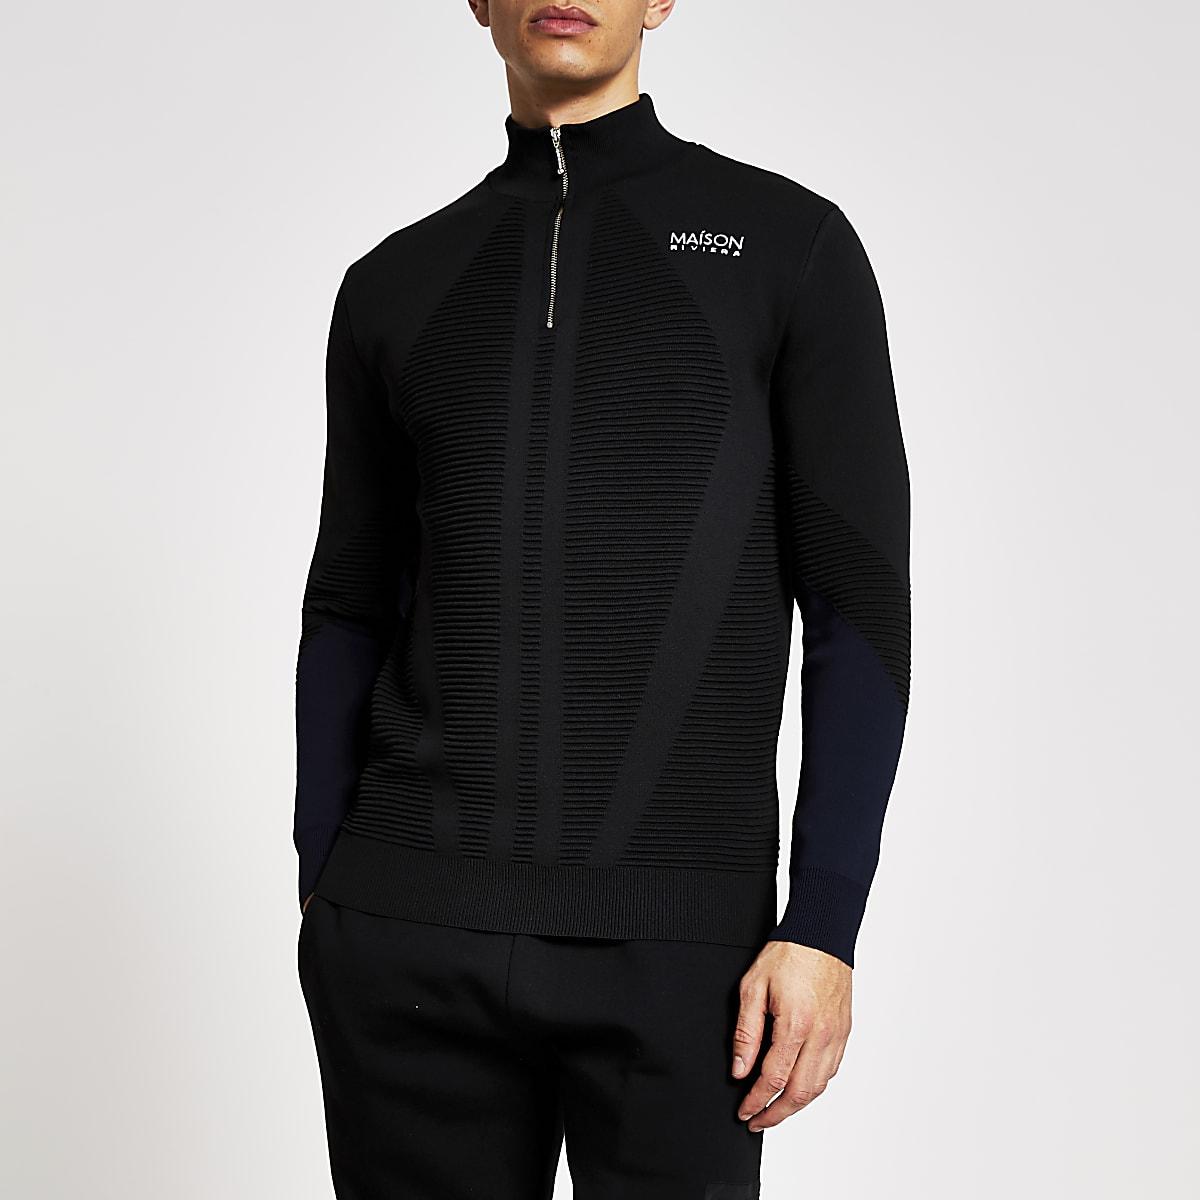 Maison Riviera black slim fit half zip jumper